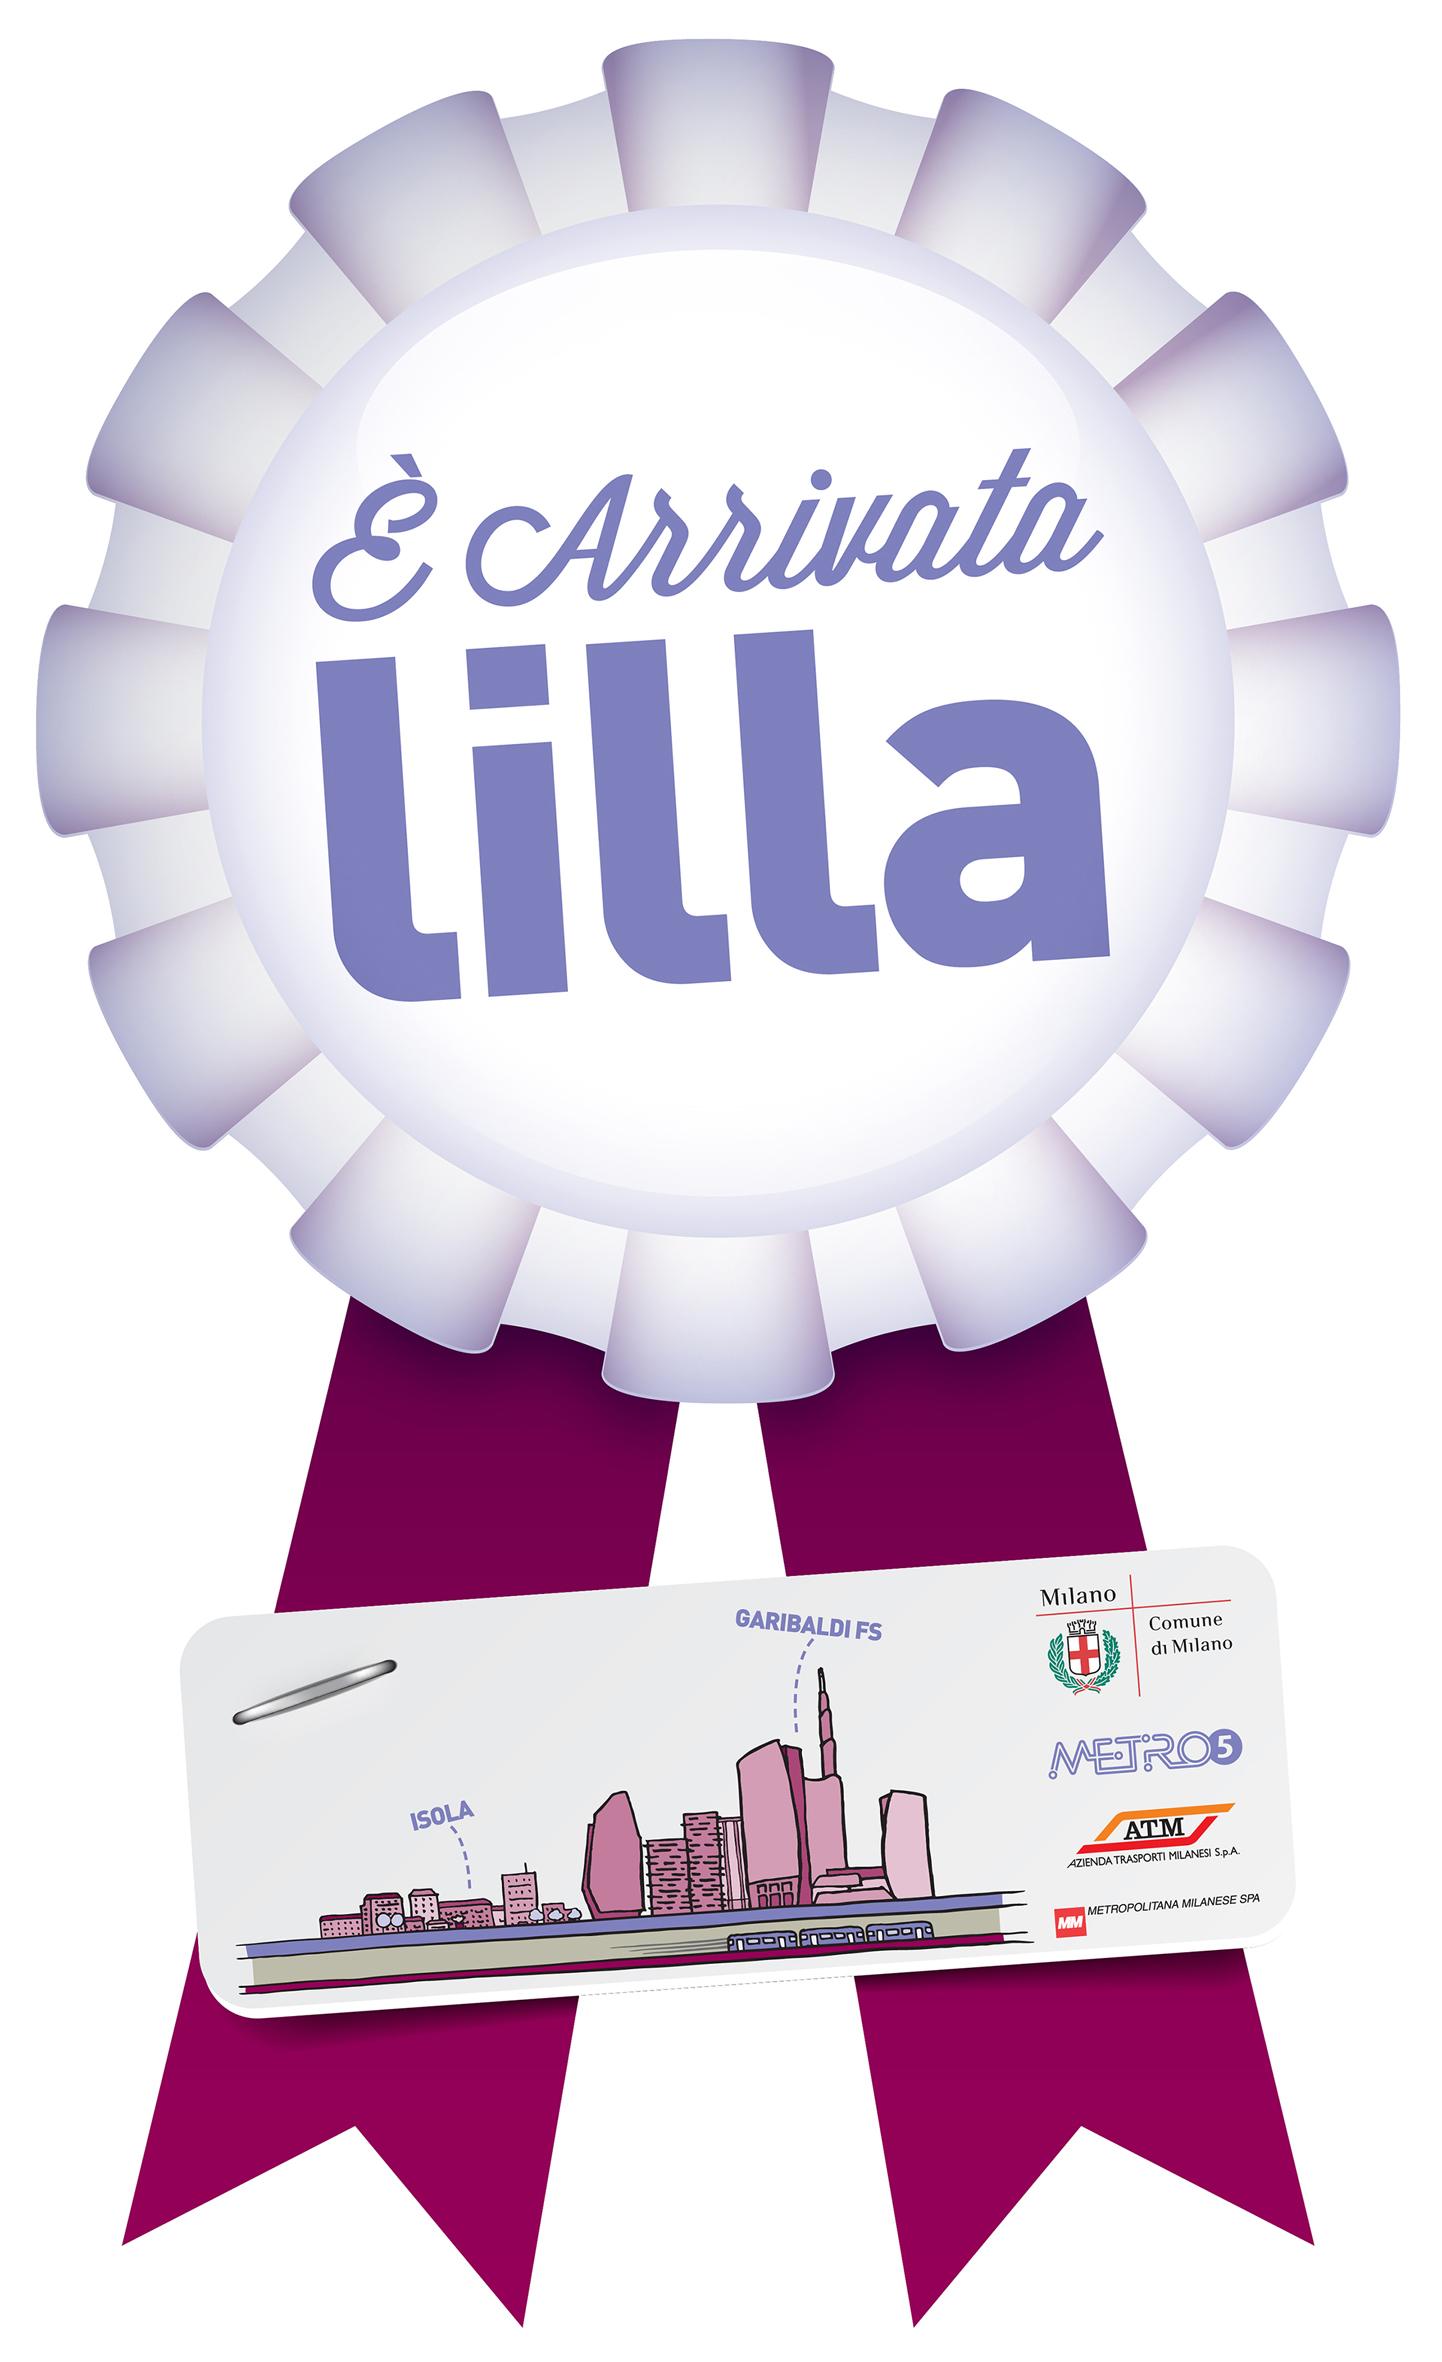 Pro&Go cura la Notte lilla della metropolitana milanese